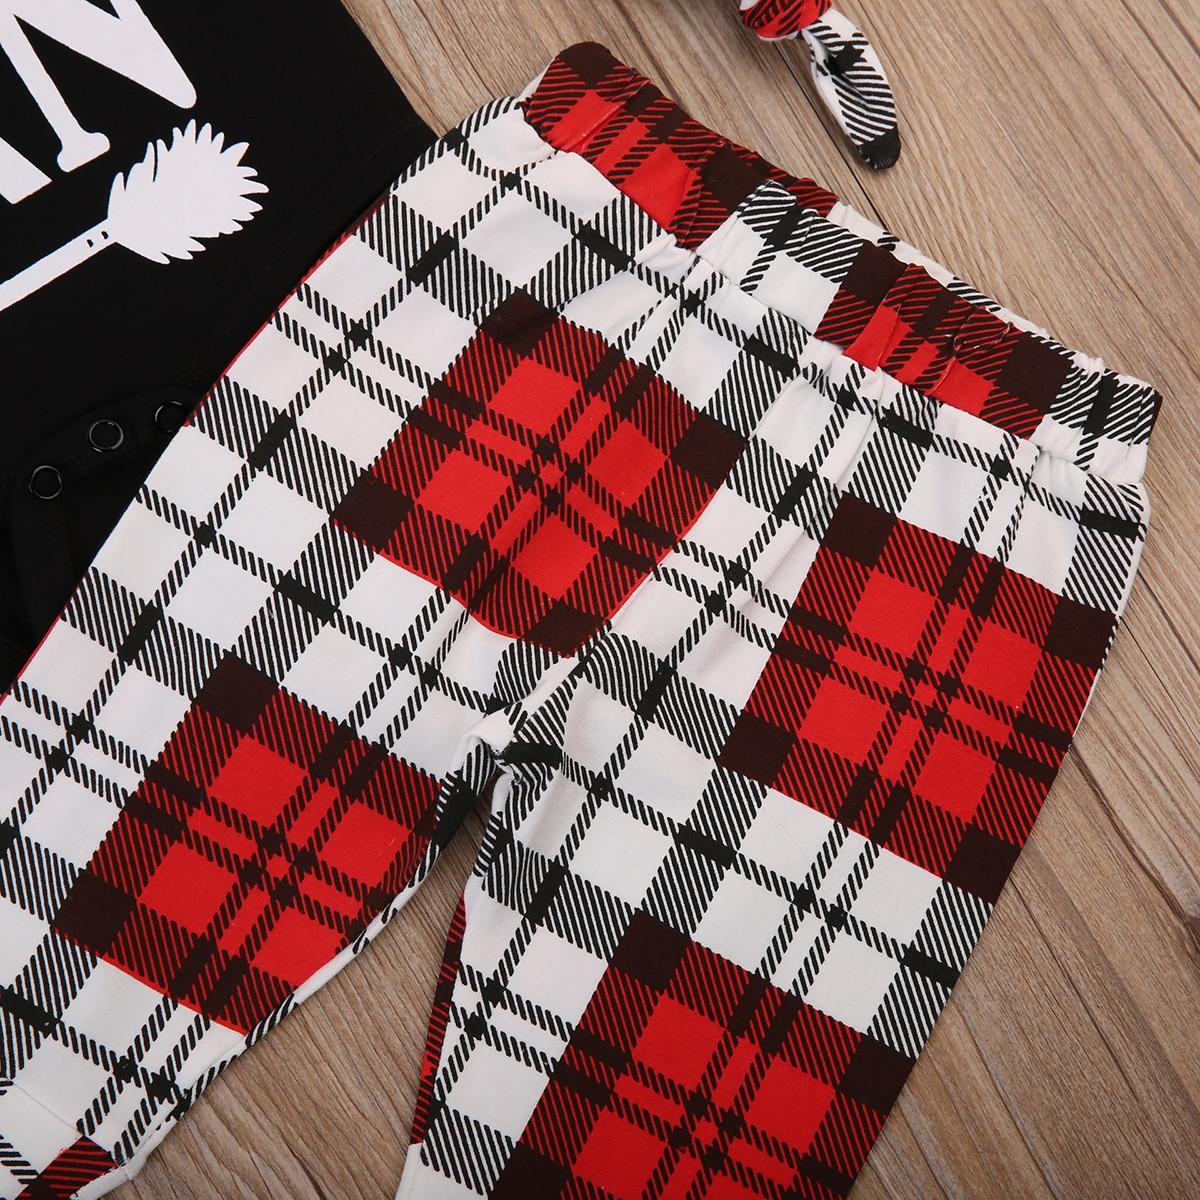 Одежда для малышей для новорожденных Для маленьких мальчиков Человек помета ползунки + Длинные штаны в клеточку + Шляпа комплект P